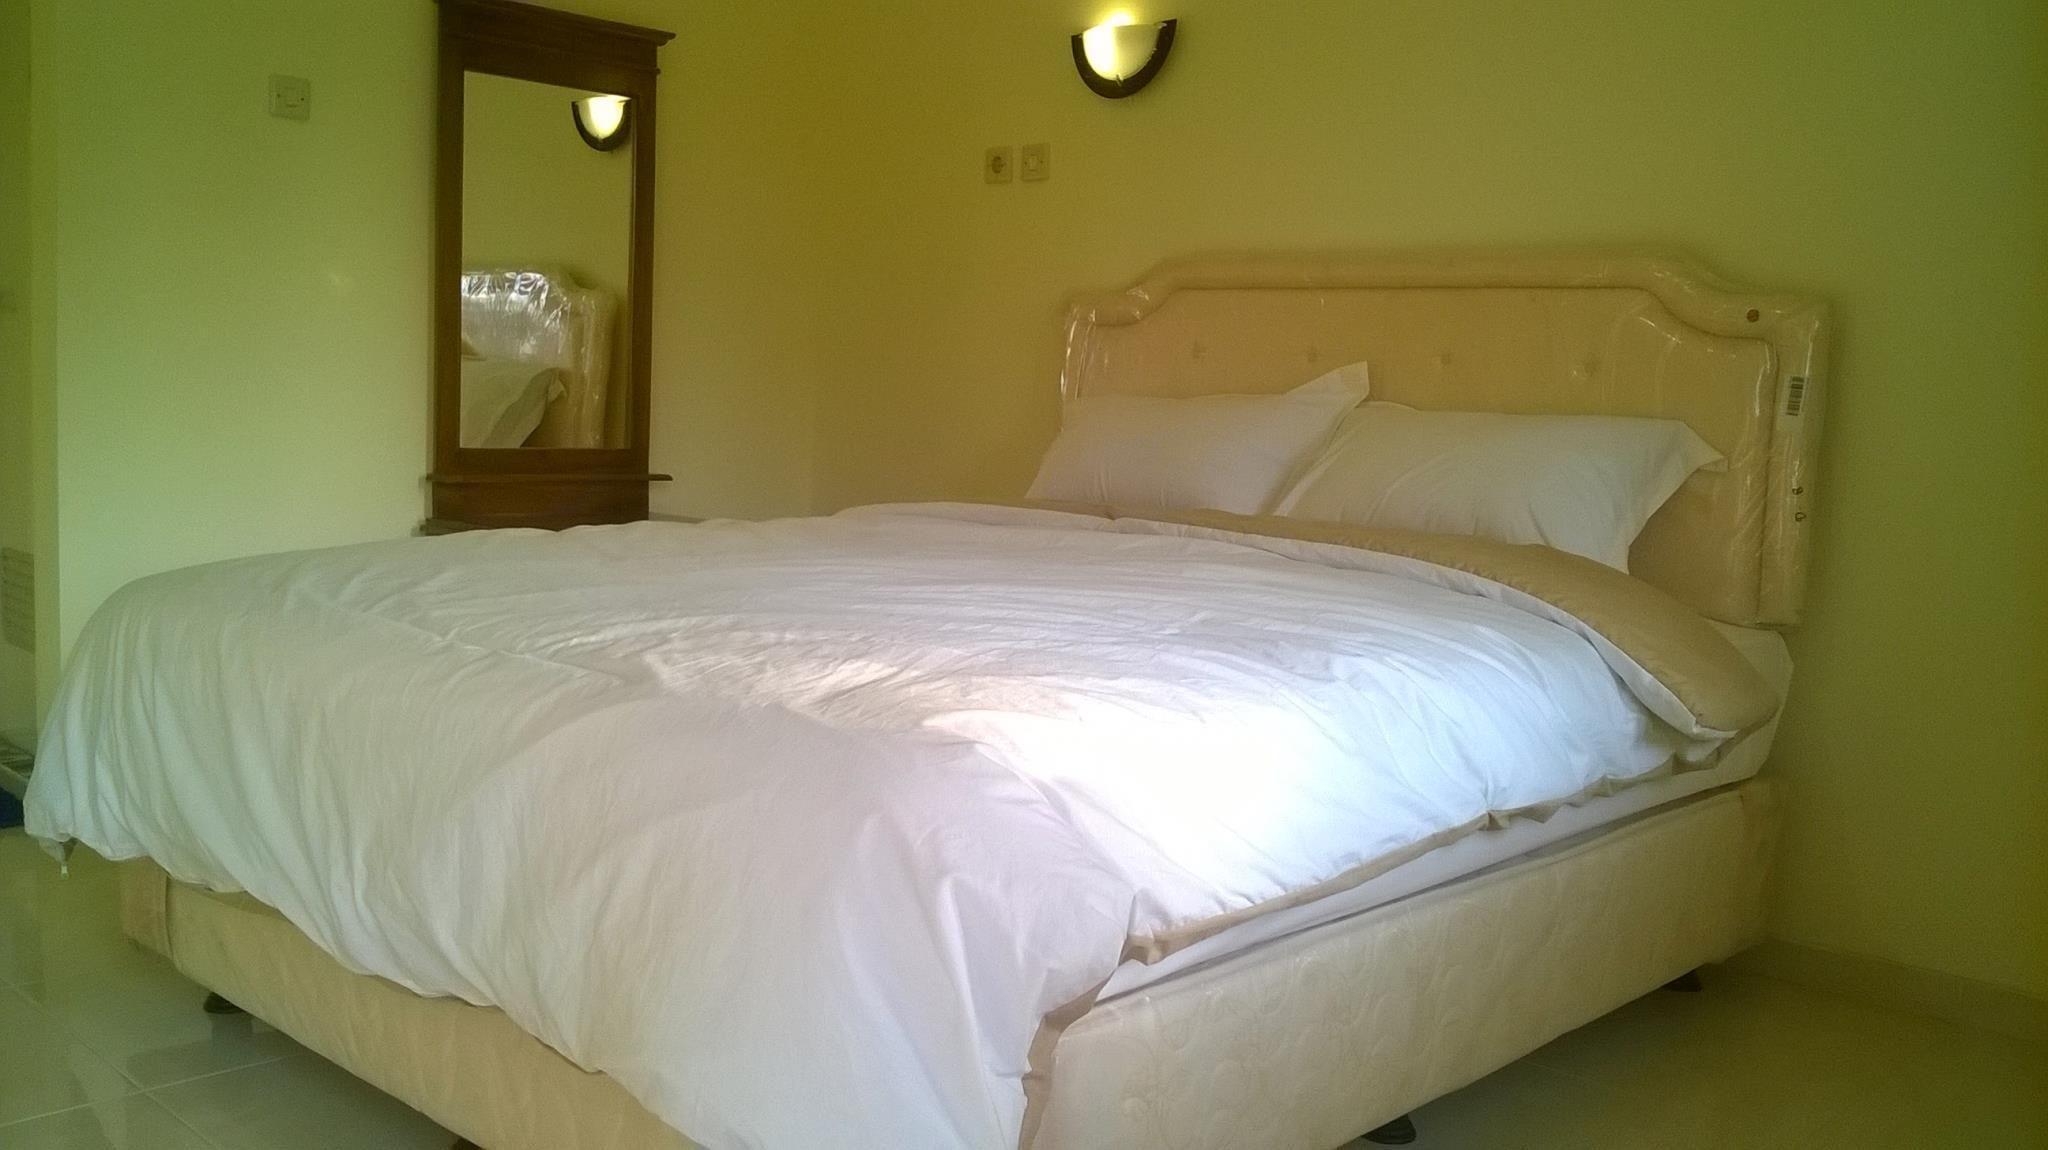 griya imafa guesthouse Malang, Indonesia